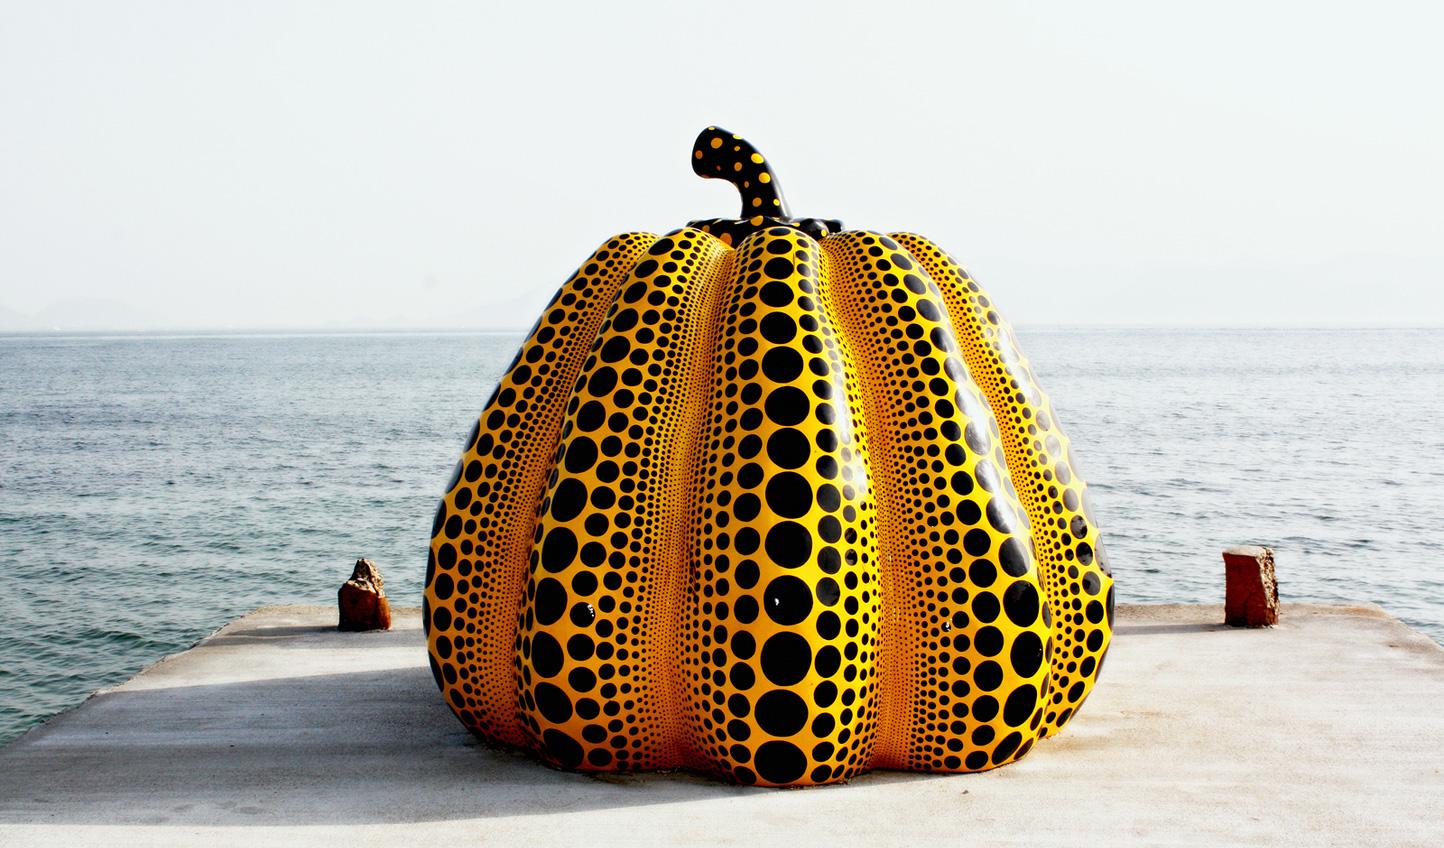 Naoshima's famous pumpkin sculptures